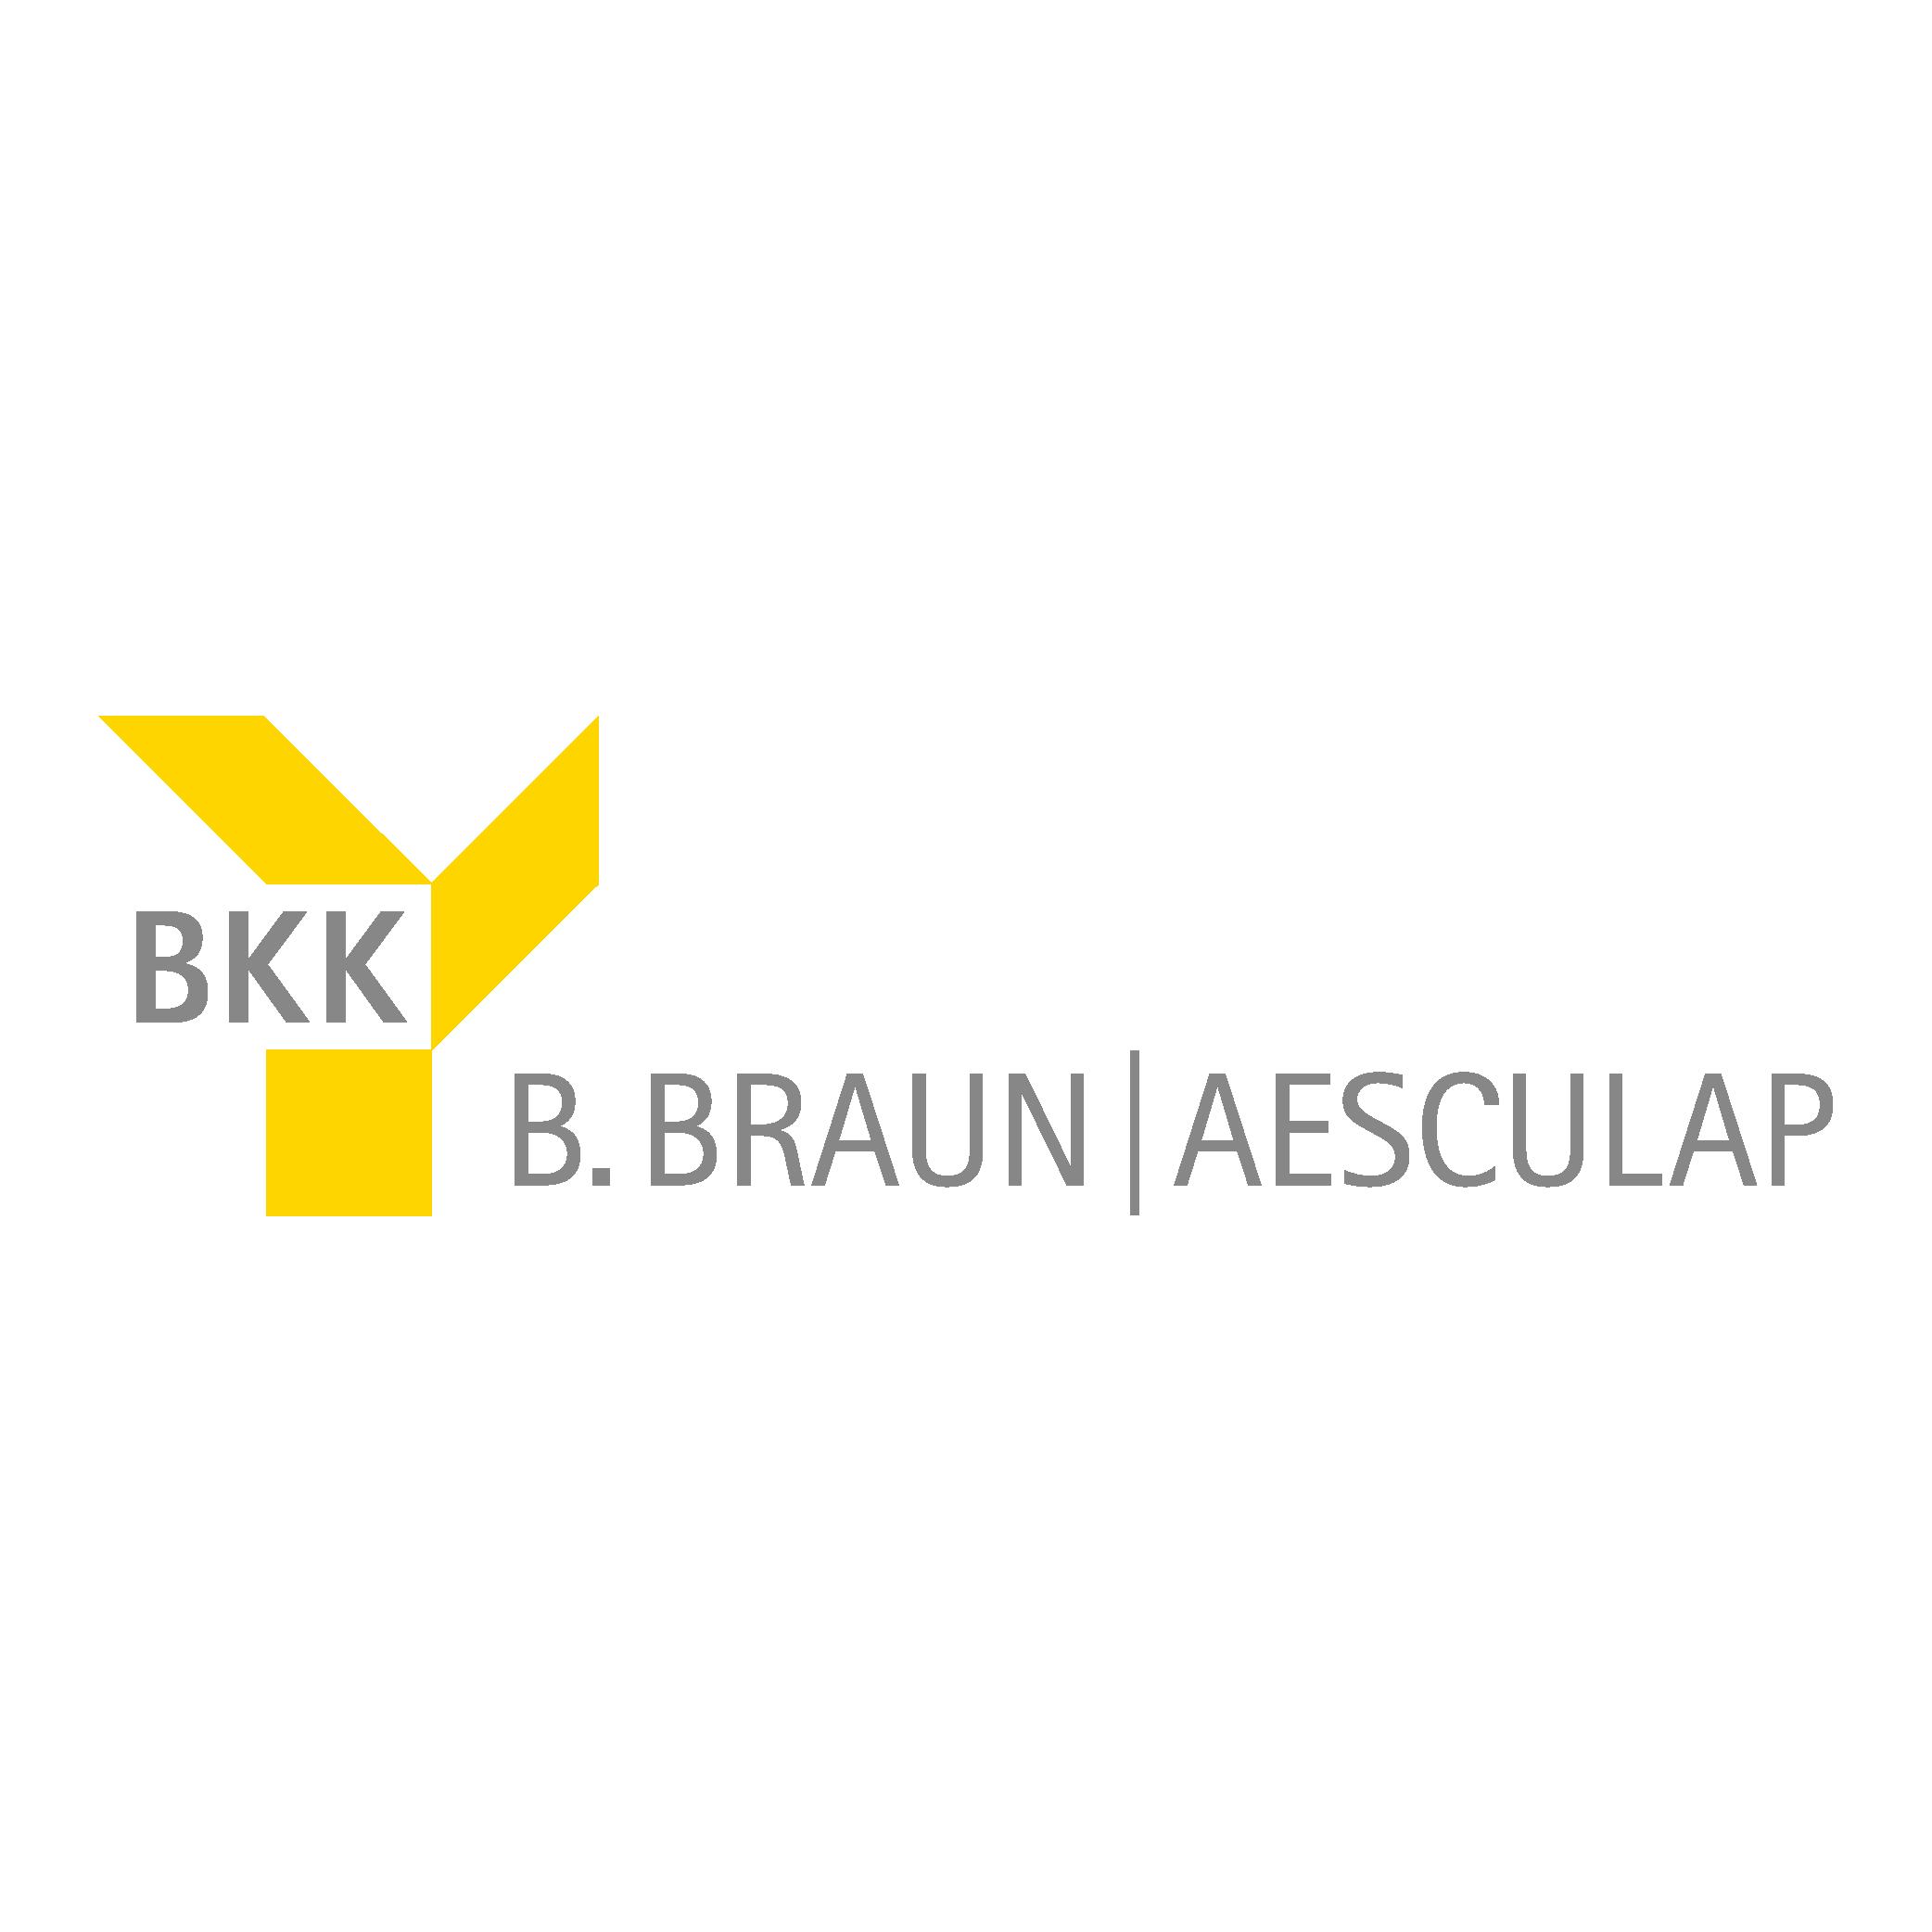 Markenzeichen der BKK B. Braun Aesculap